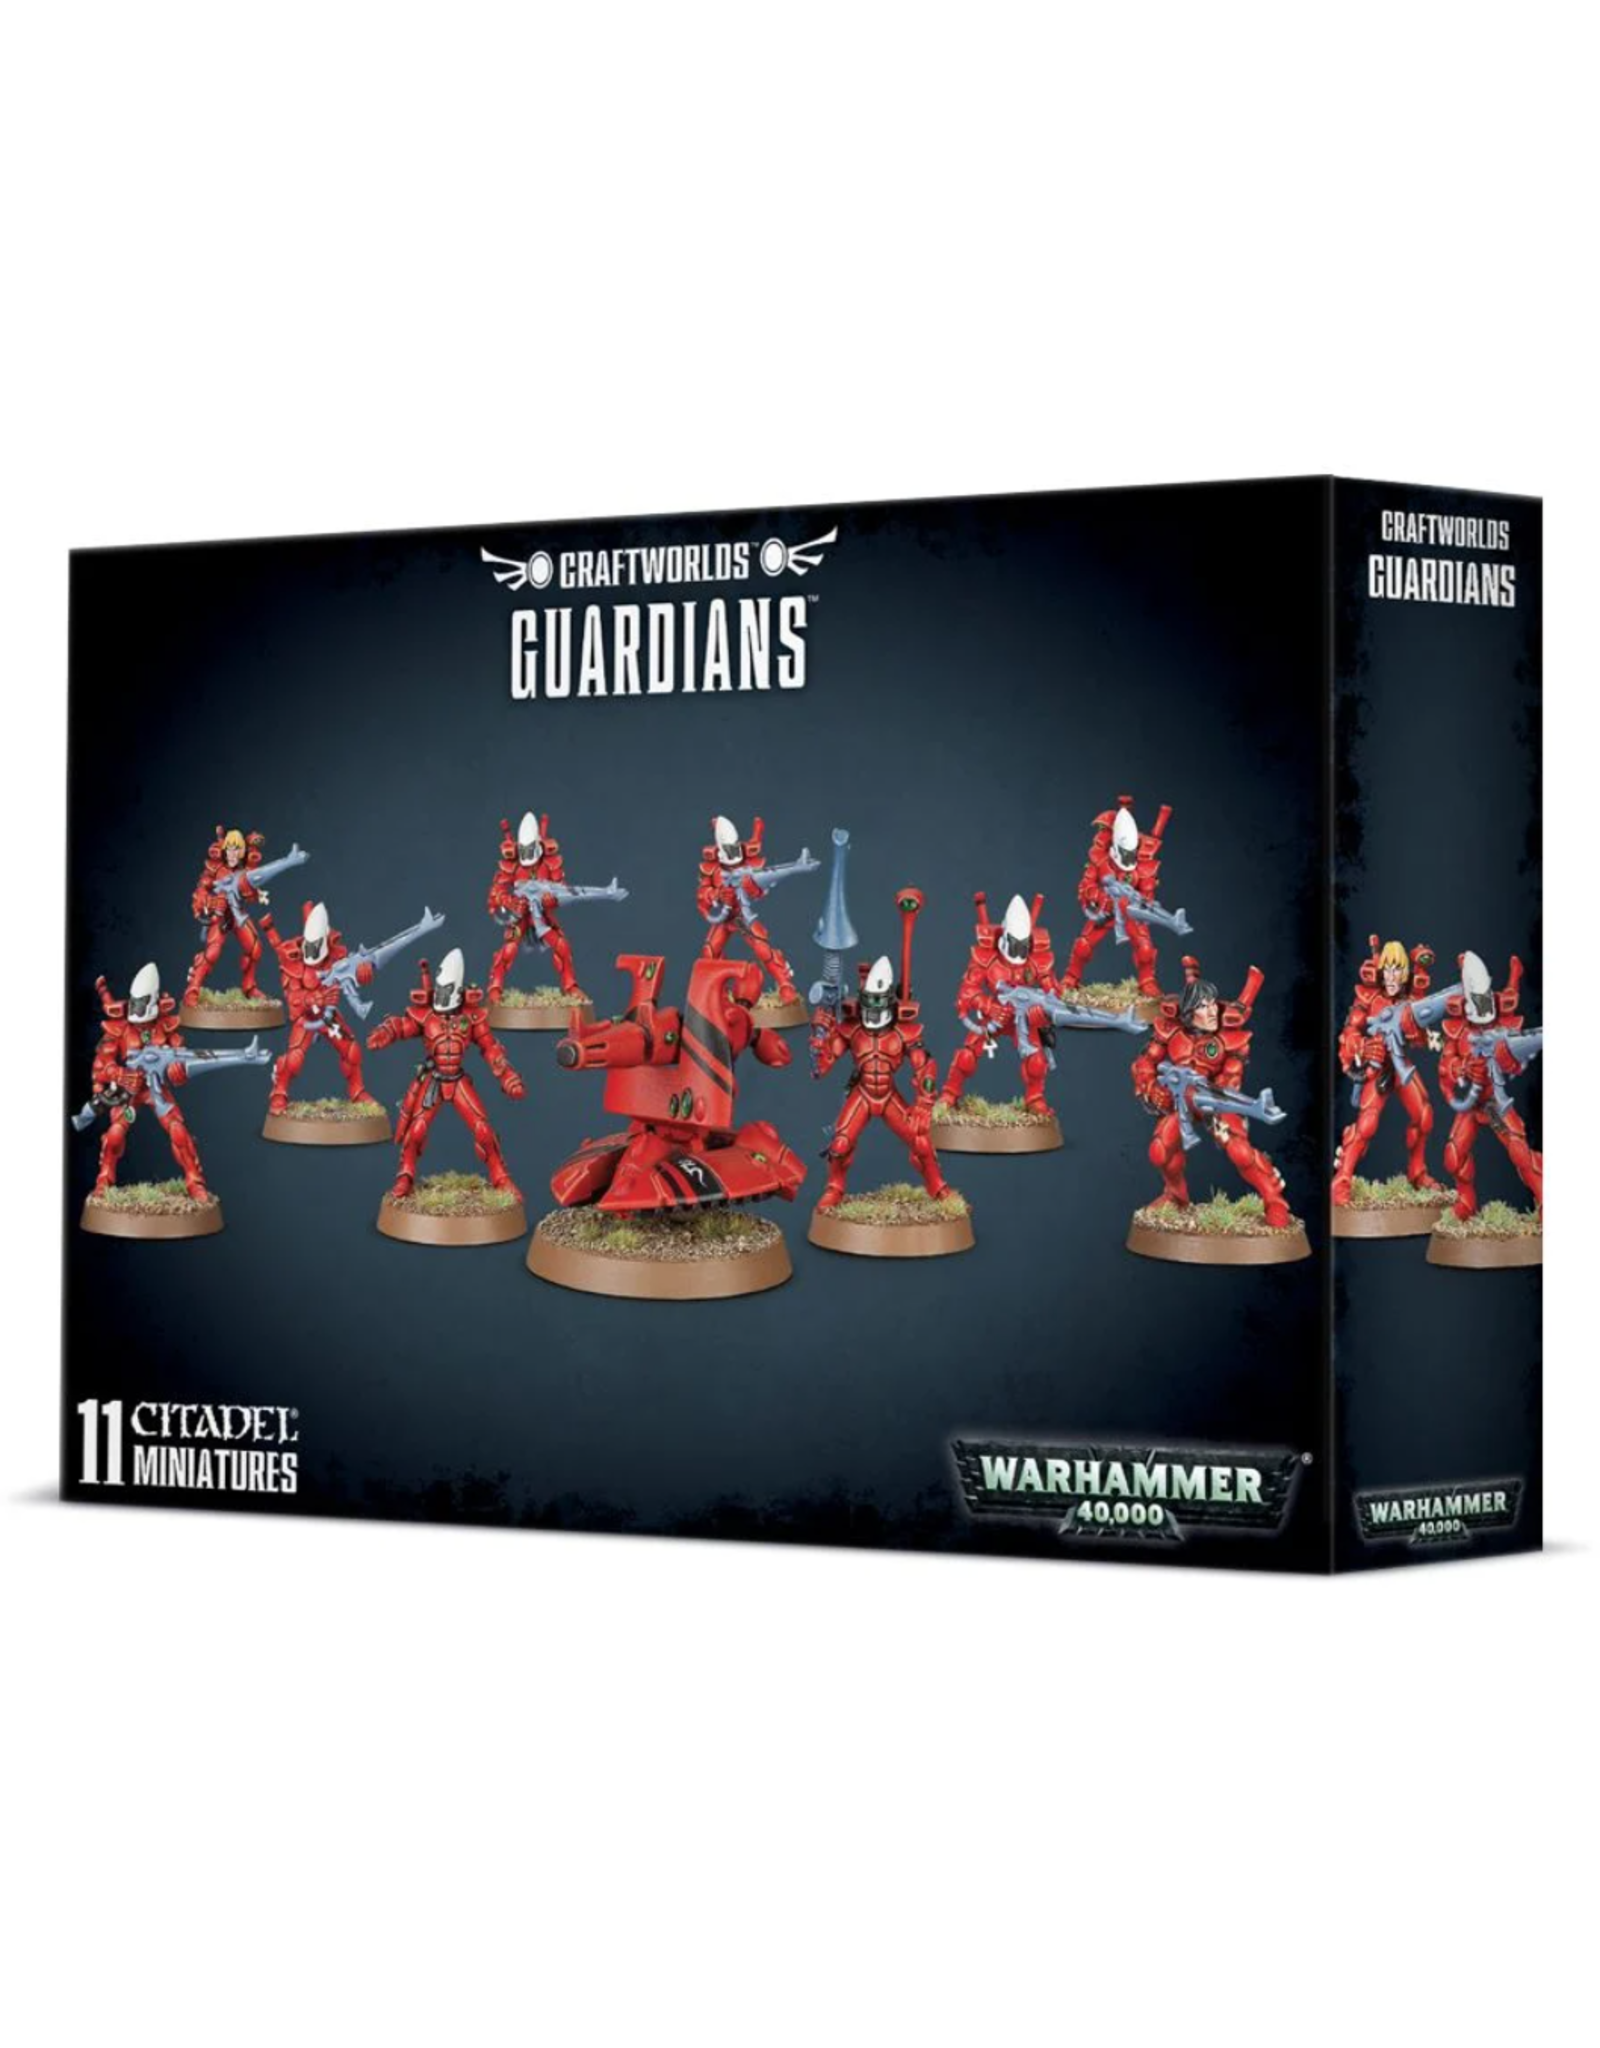 Warhammer 40K Craftworlds Guardians Squad